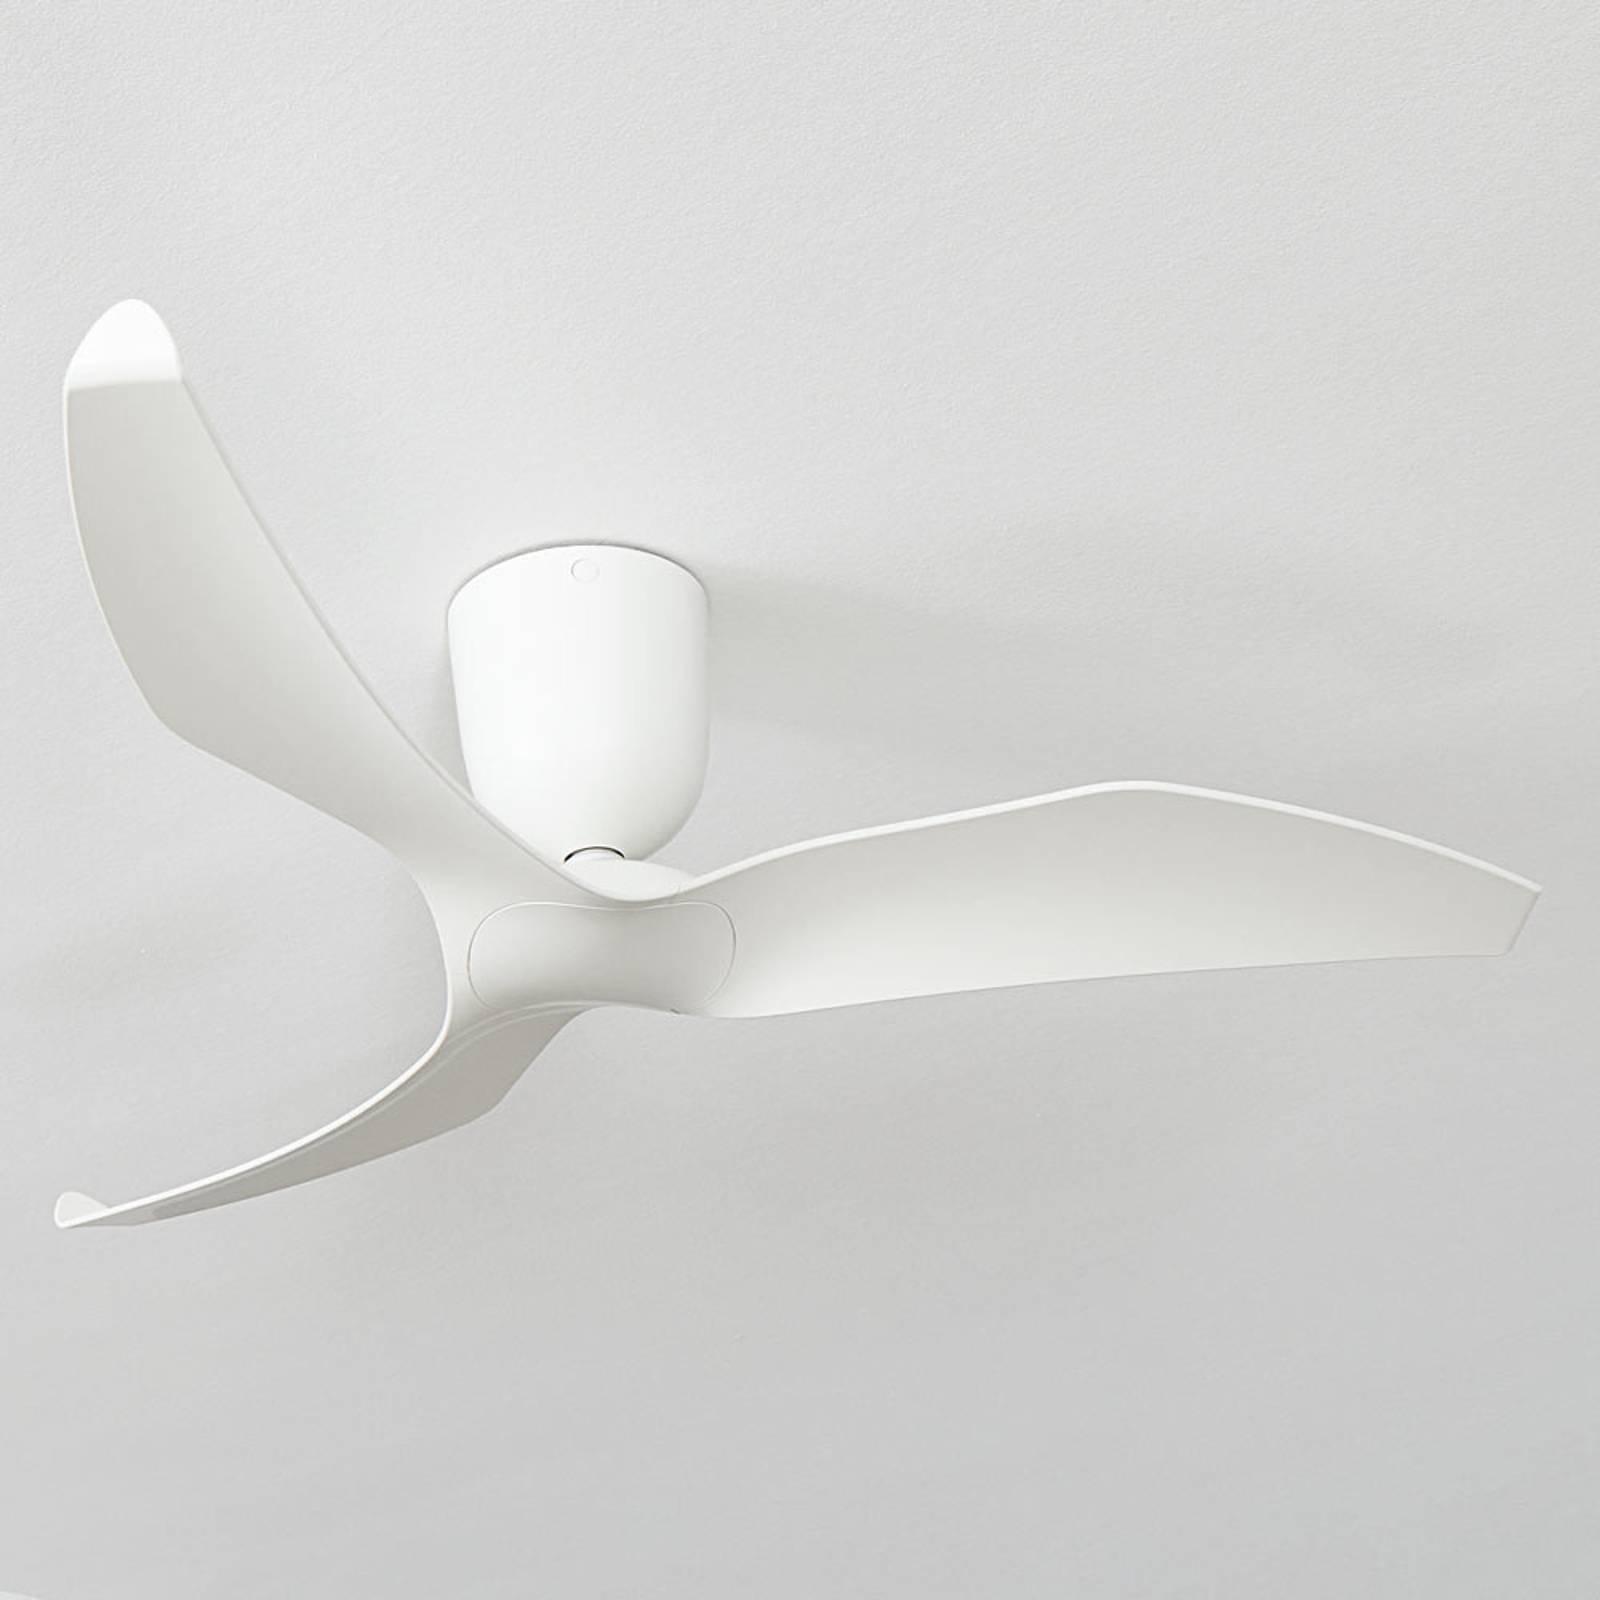 Aeratron-kattotuuletin FR, 126 cm, valkoinen